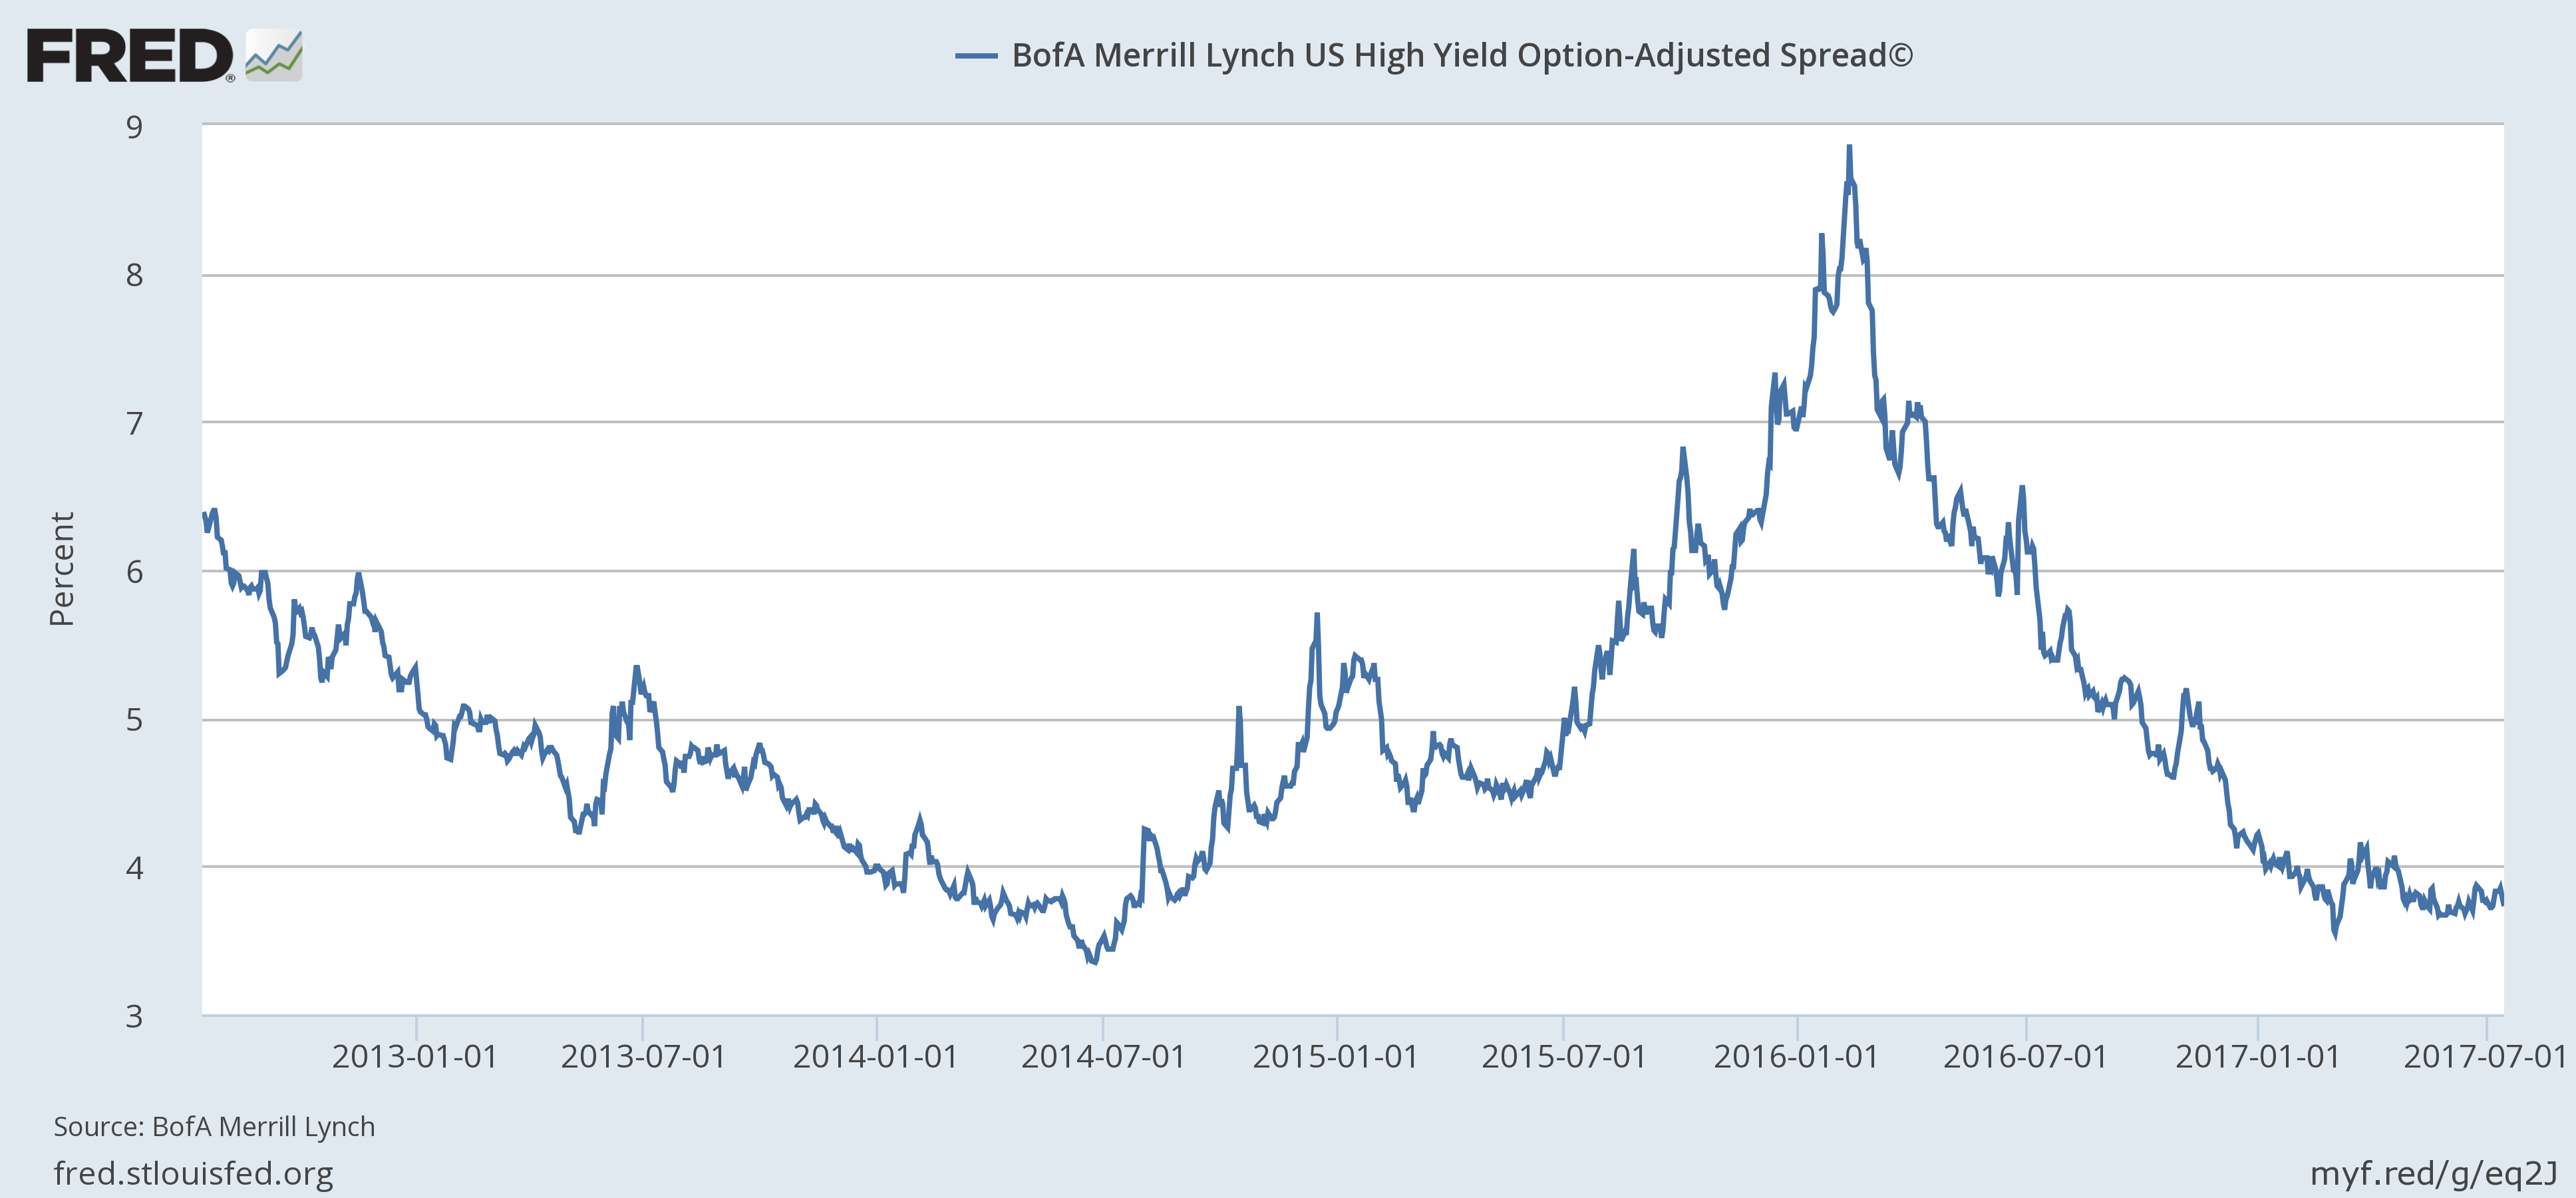 BofA Merril Lynch US High Yield Option-Adjusted Spread, 2012 - 2017